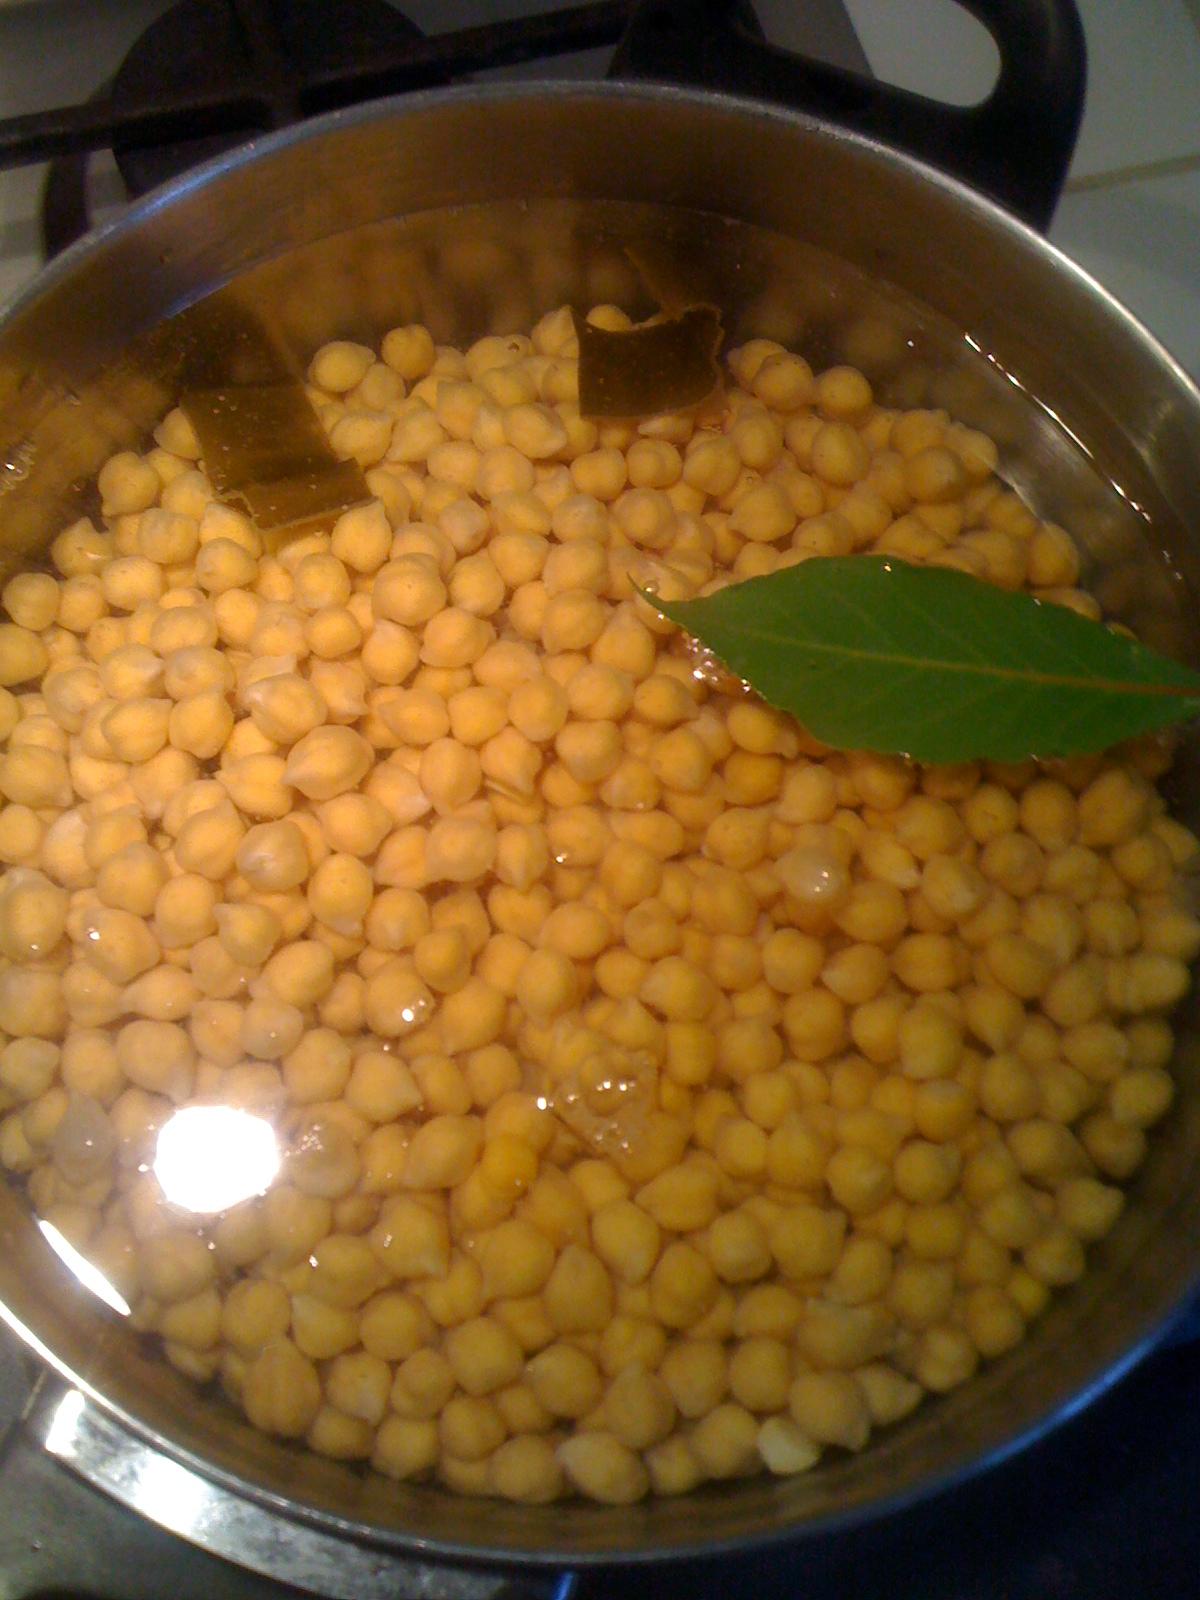 Bignami dei legumi: l'ammollo e come renderli più digeribili